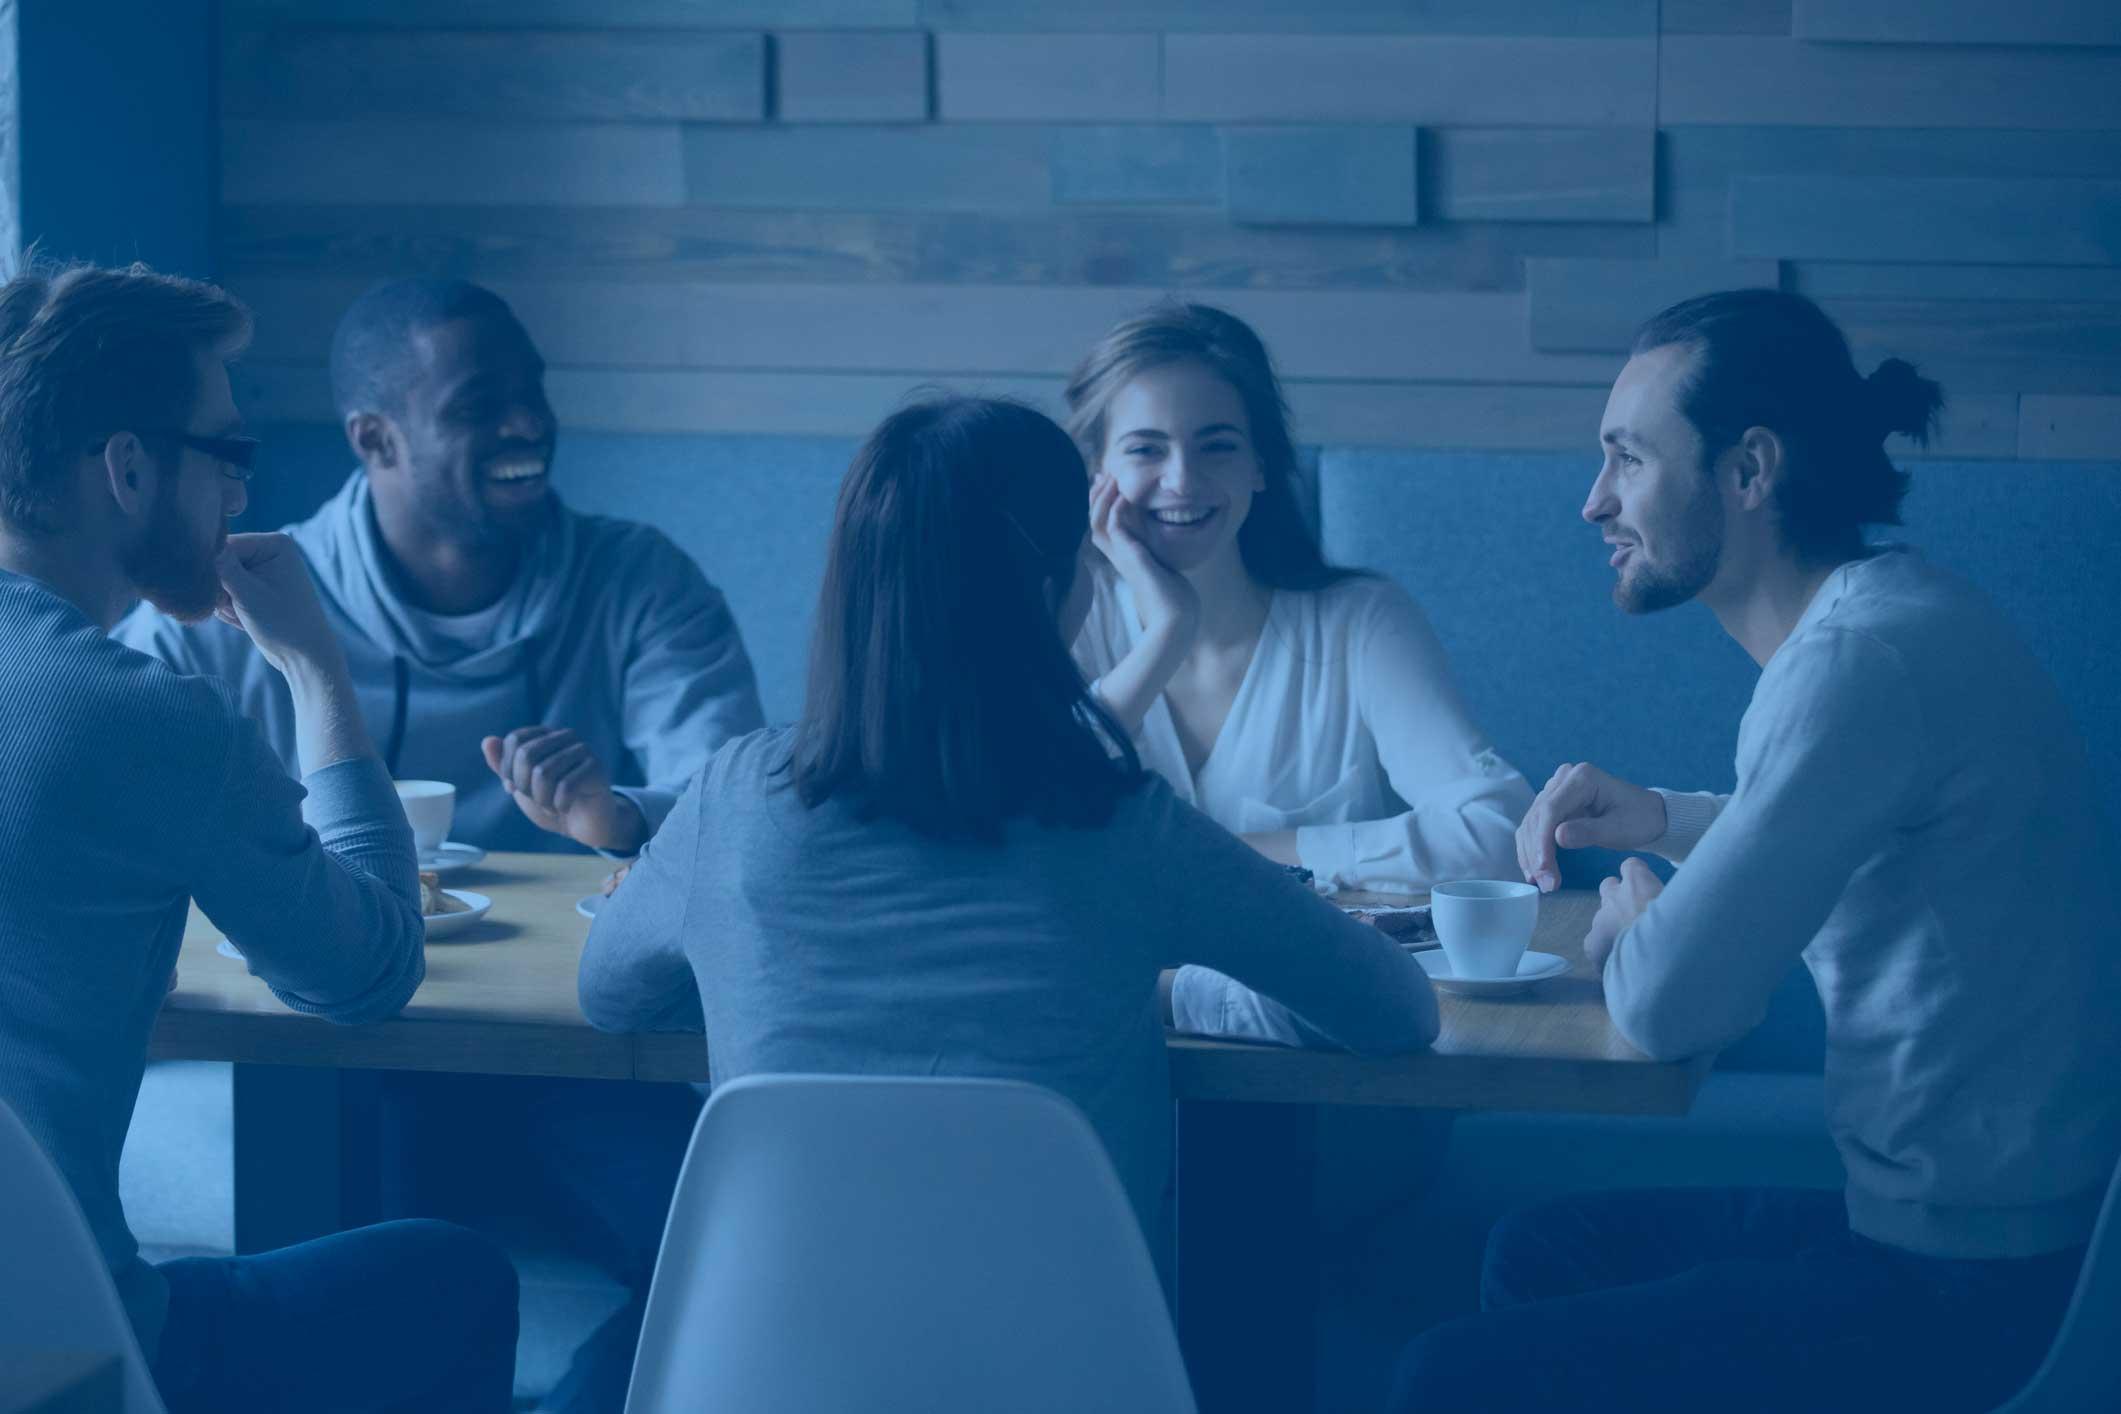 Joindre un groupe de discussion